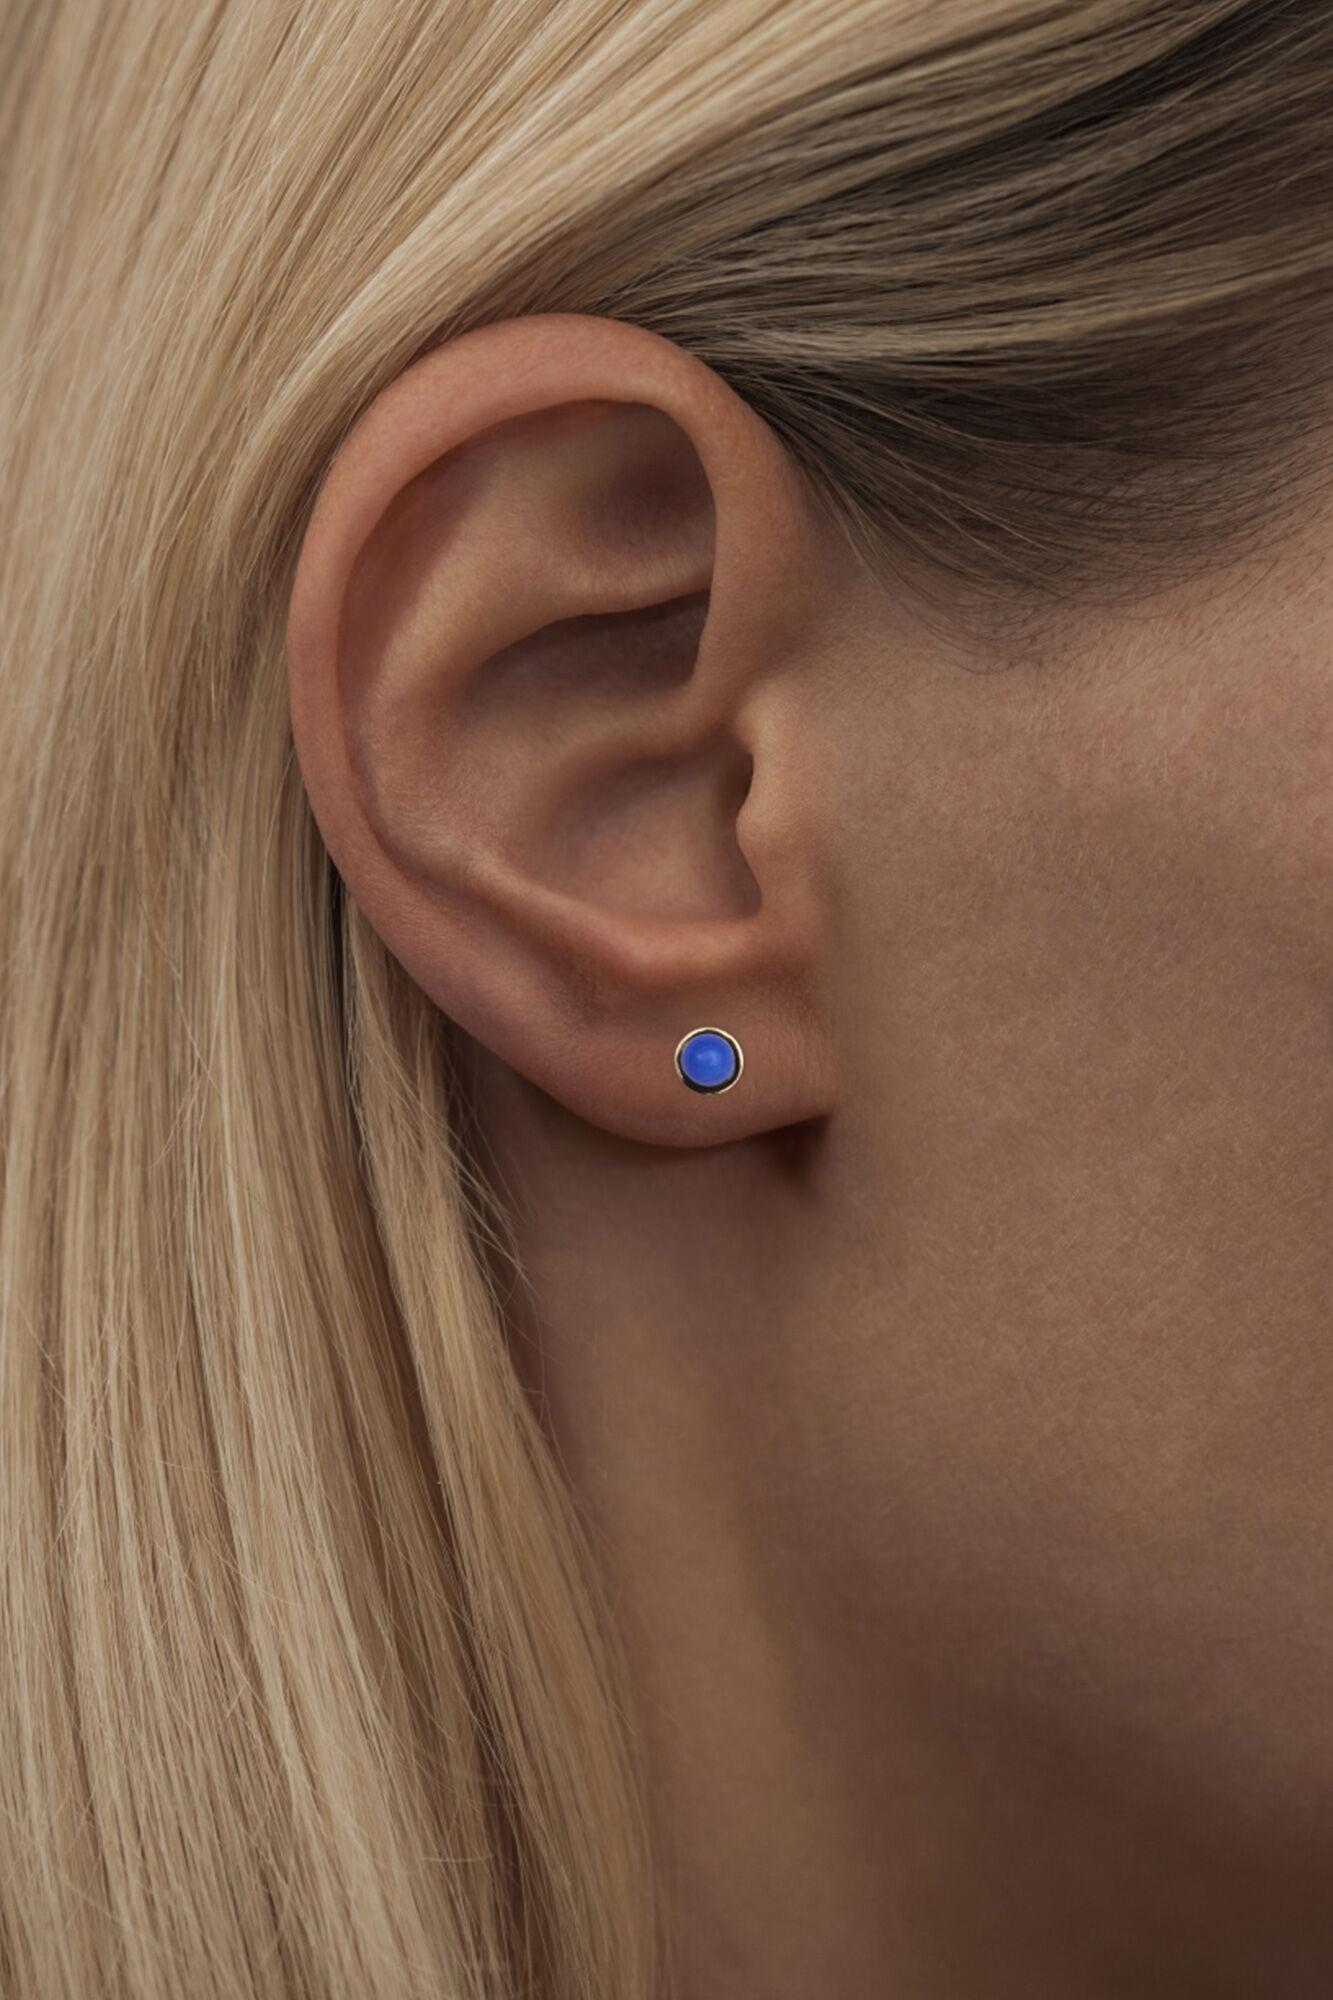 Pearl On A Silver LULUE173, BLUE STEEL